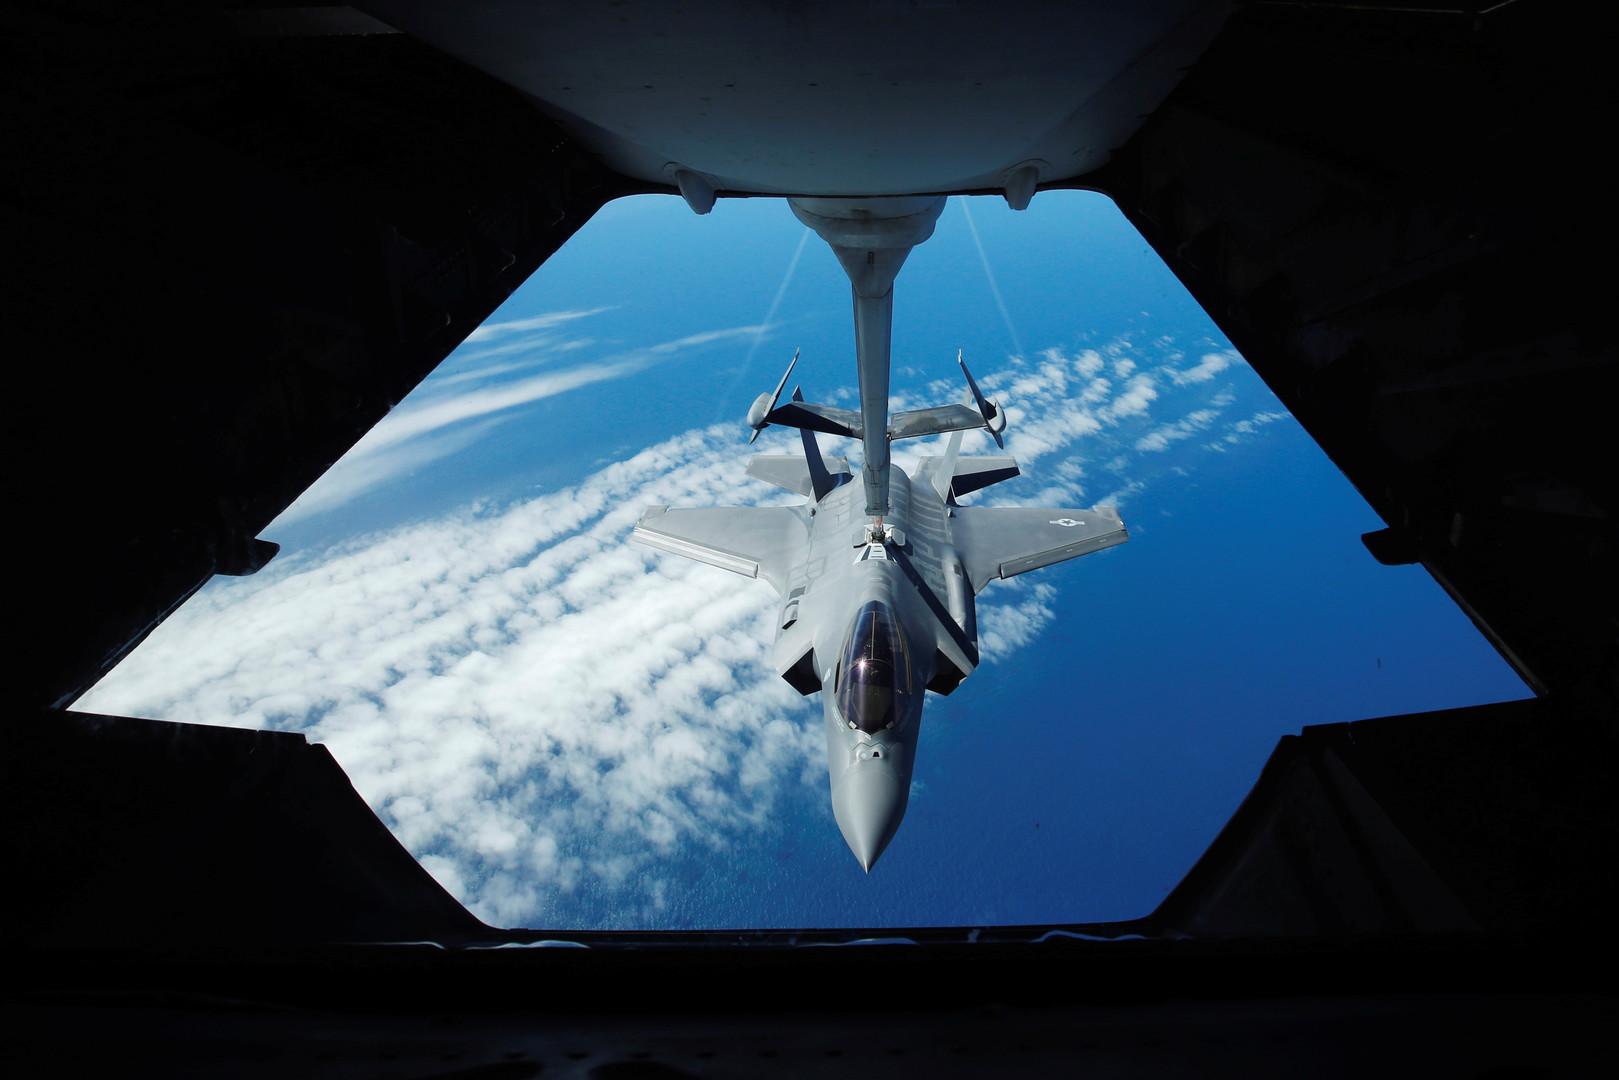 Конгрессмен: Половина американских ВВС не готова встретиться в бою с Россией